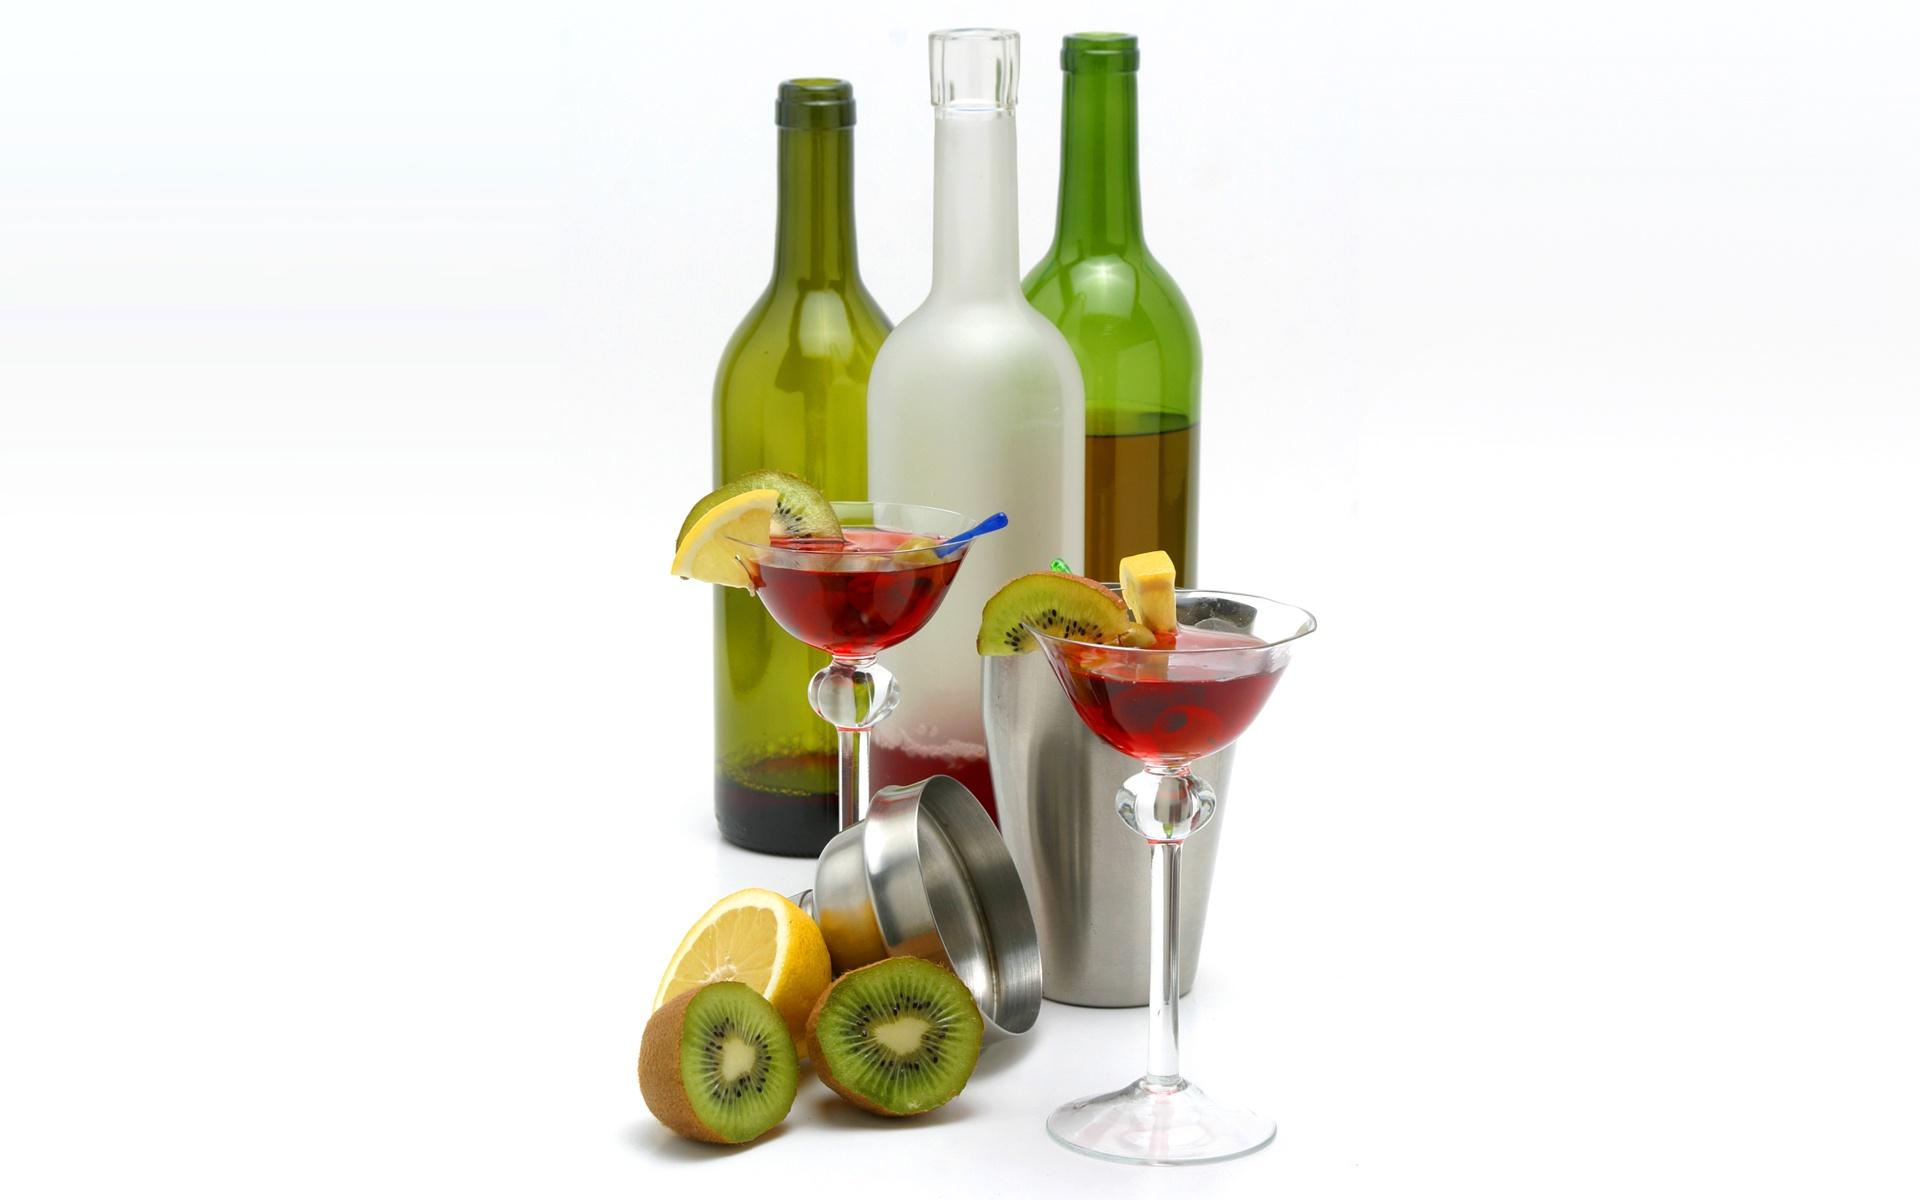 Обои для рабочего стола Вино Киви Лимоны Пища бокал Бутылка Коктейль Еда Бокалы бутылки Продукты питания